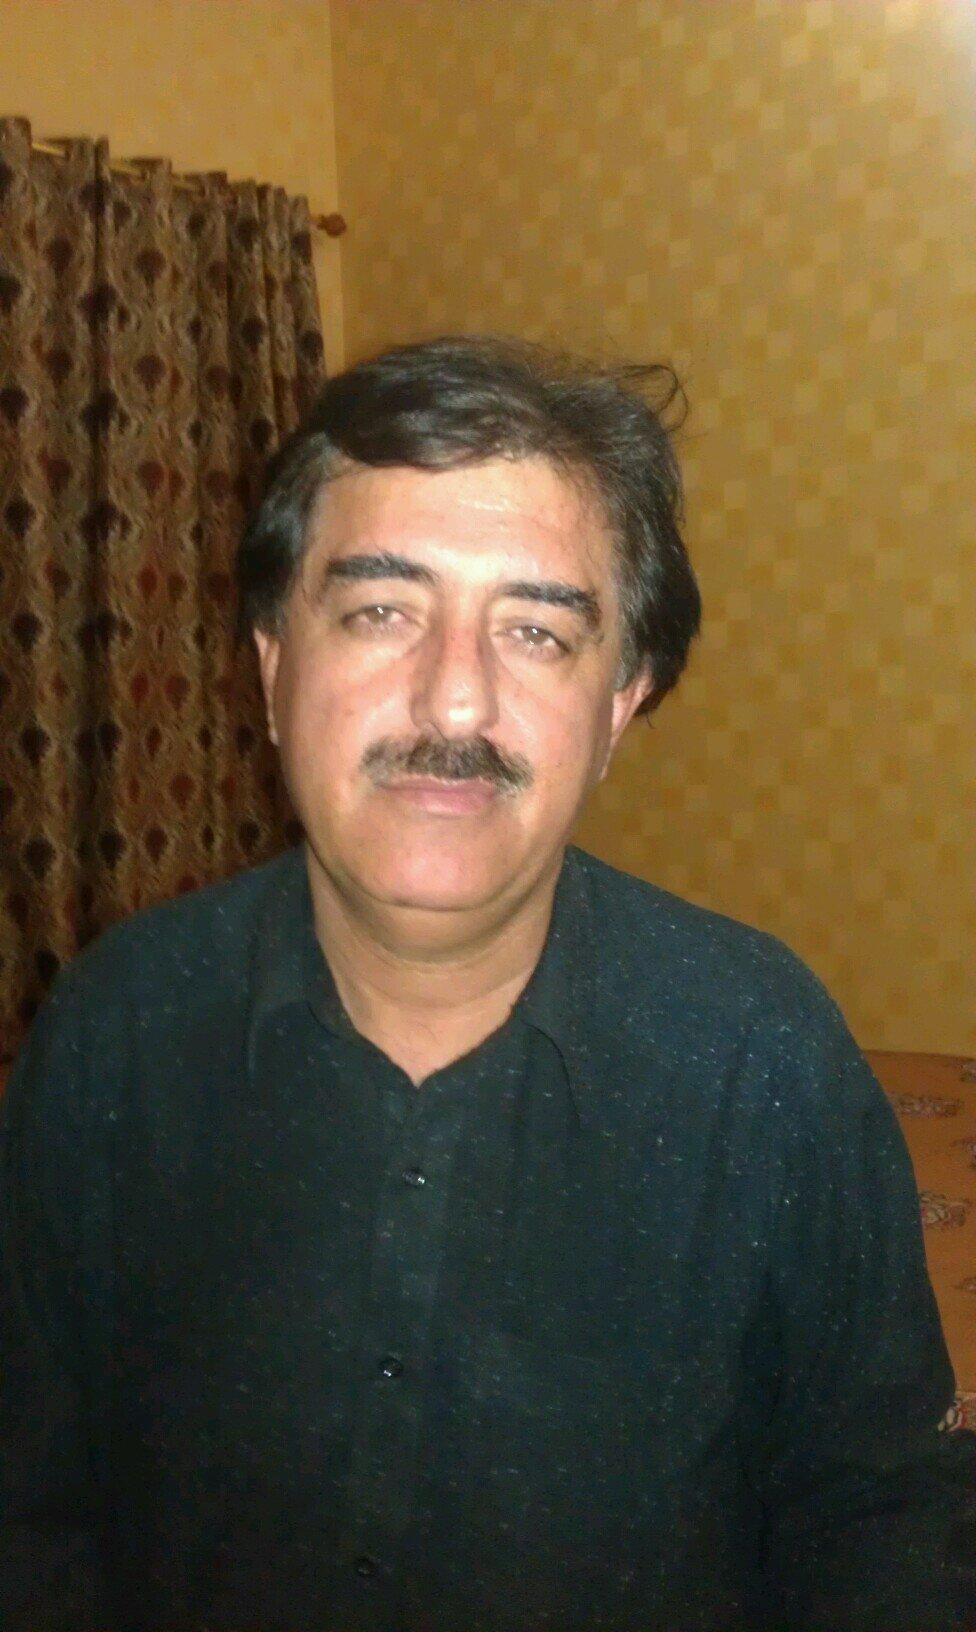 @SaeedAhmedkhan4